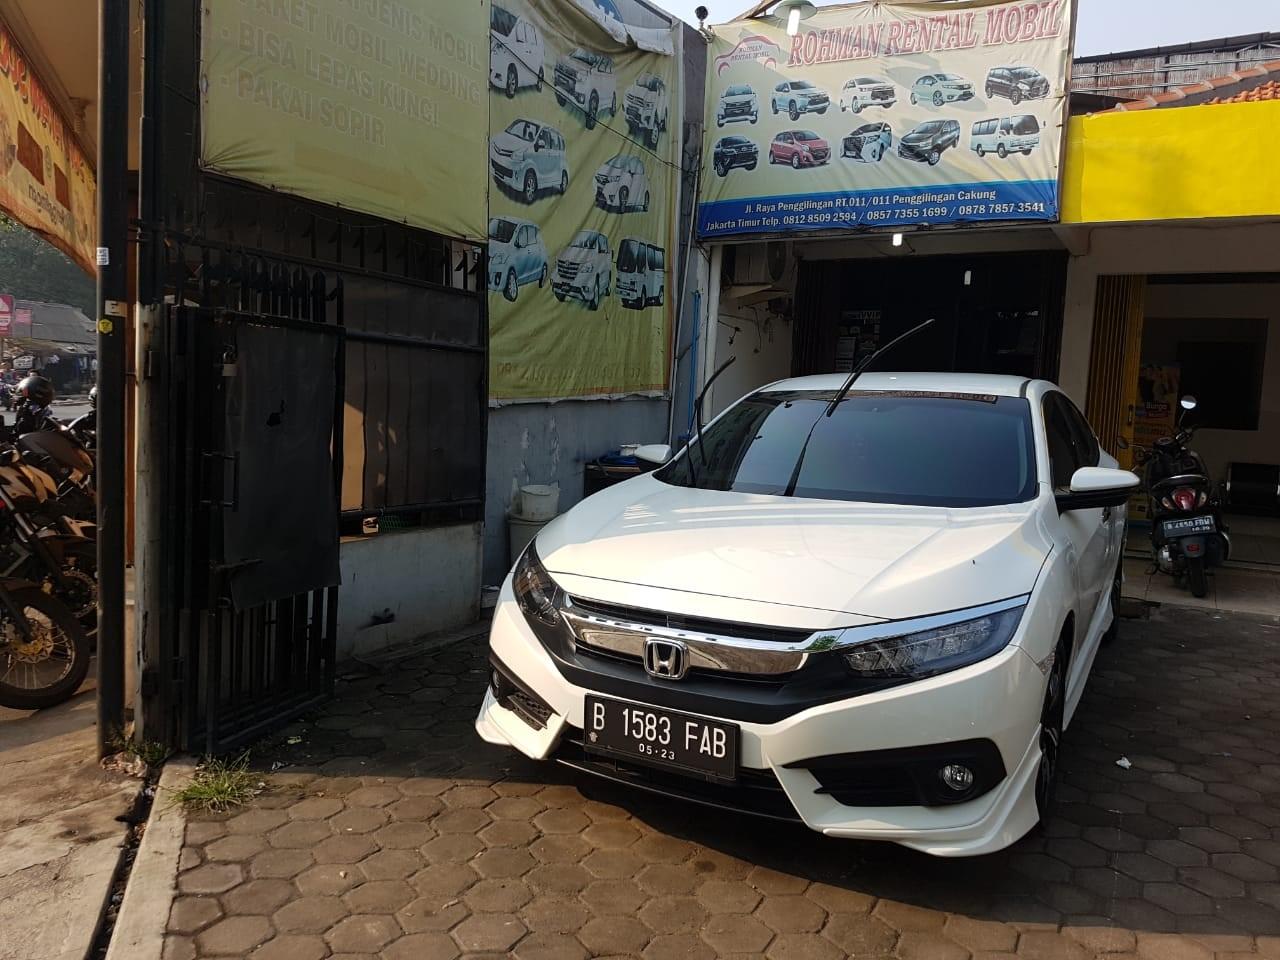 Rental Mobil 24 Jam Di Penggilingan Cakung 081285092594